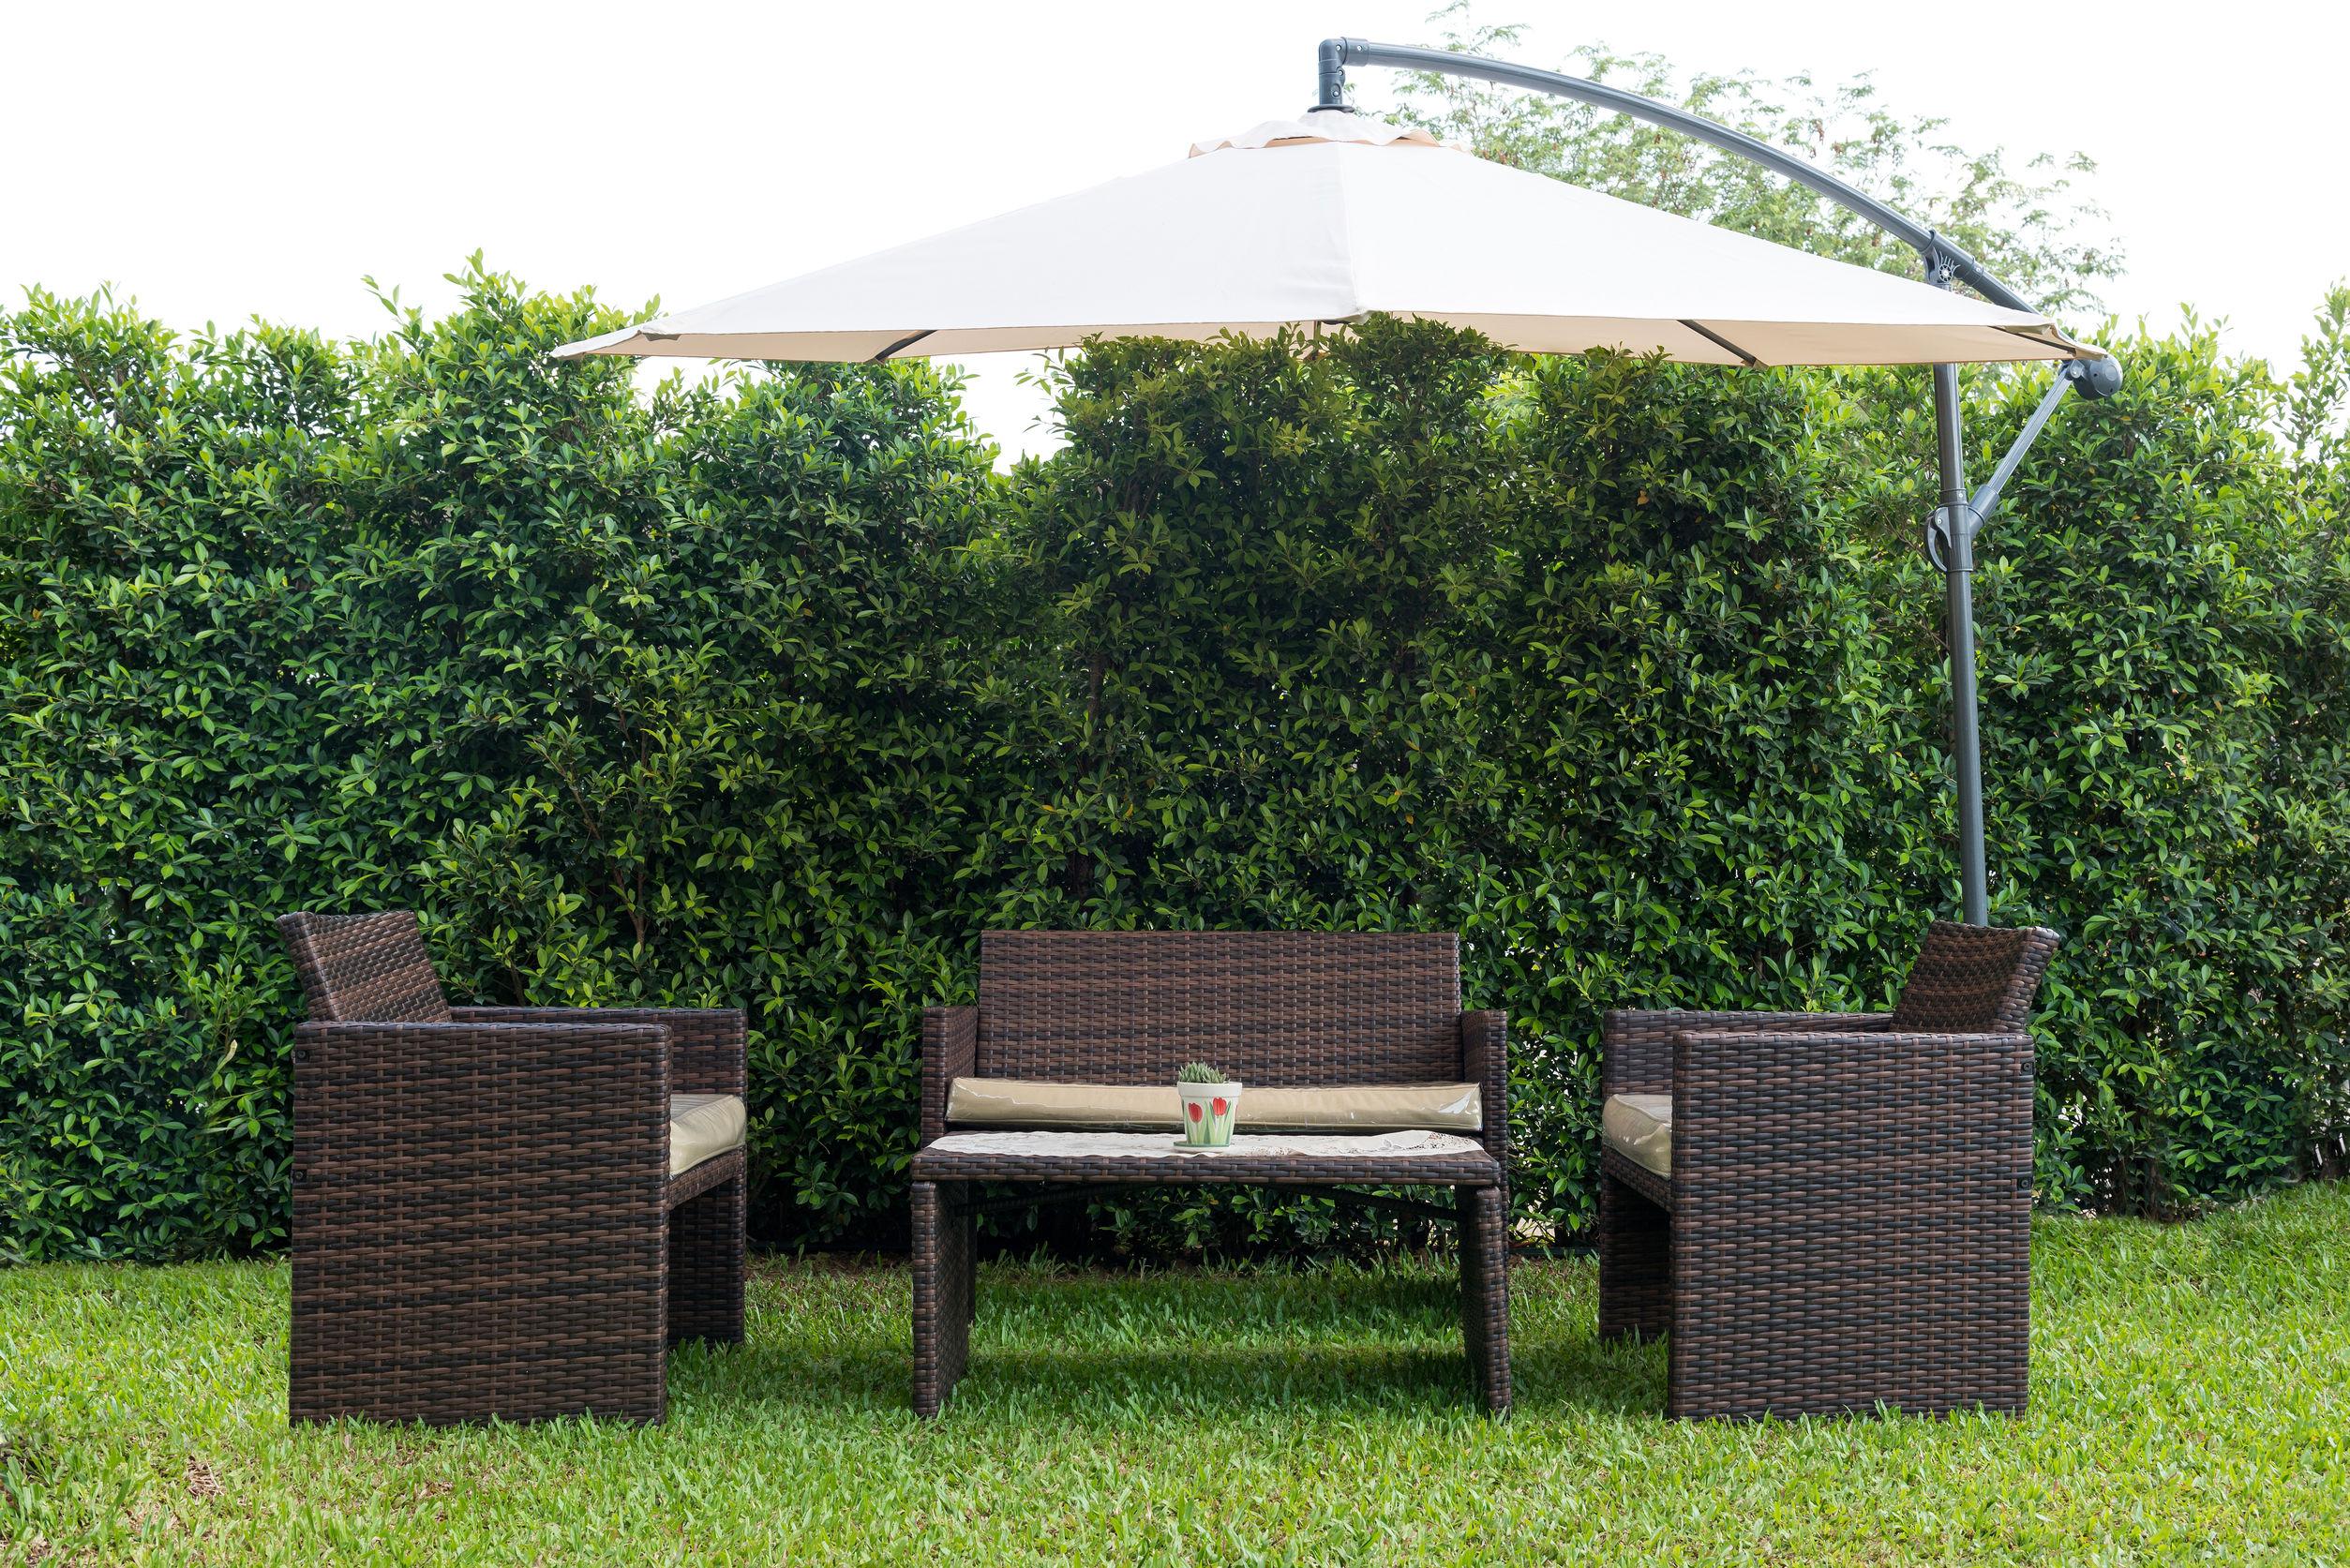 Sombrillas para jardín - Toldelux